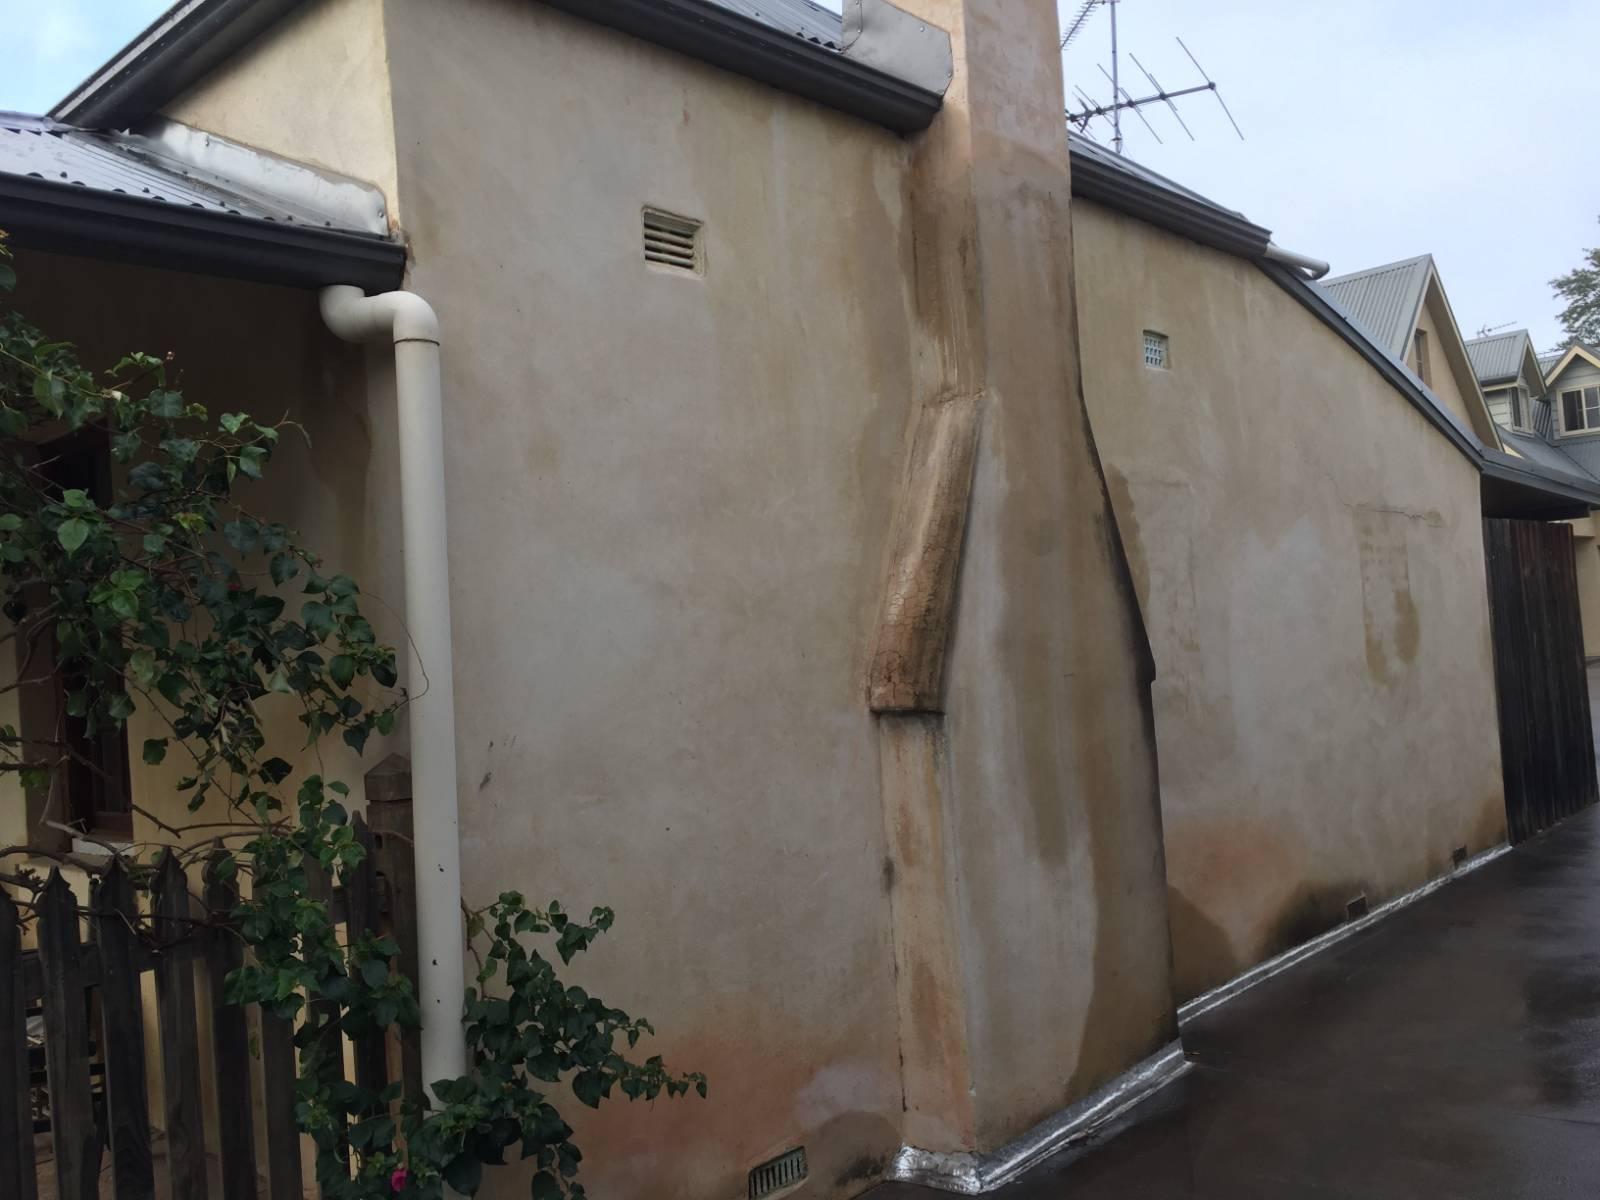 Concrete slab driveway next to house